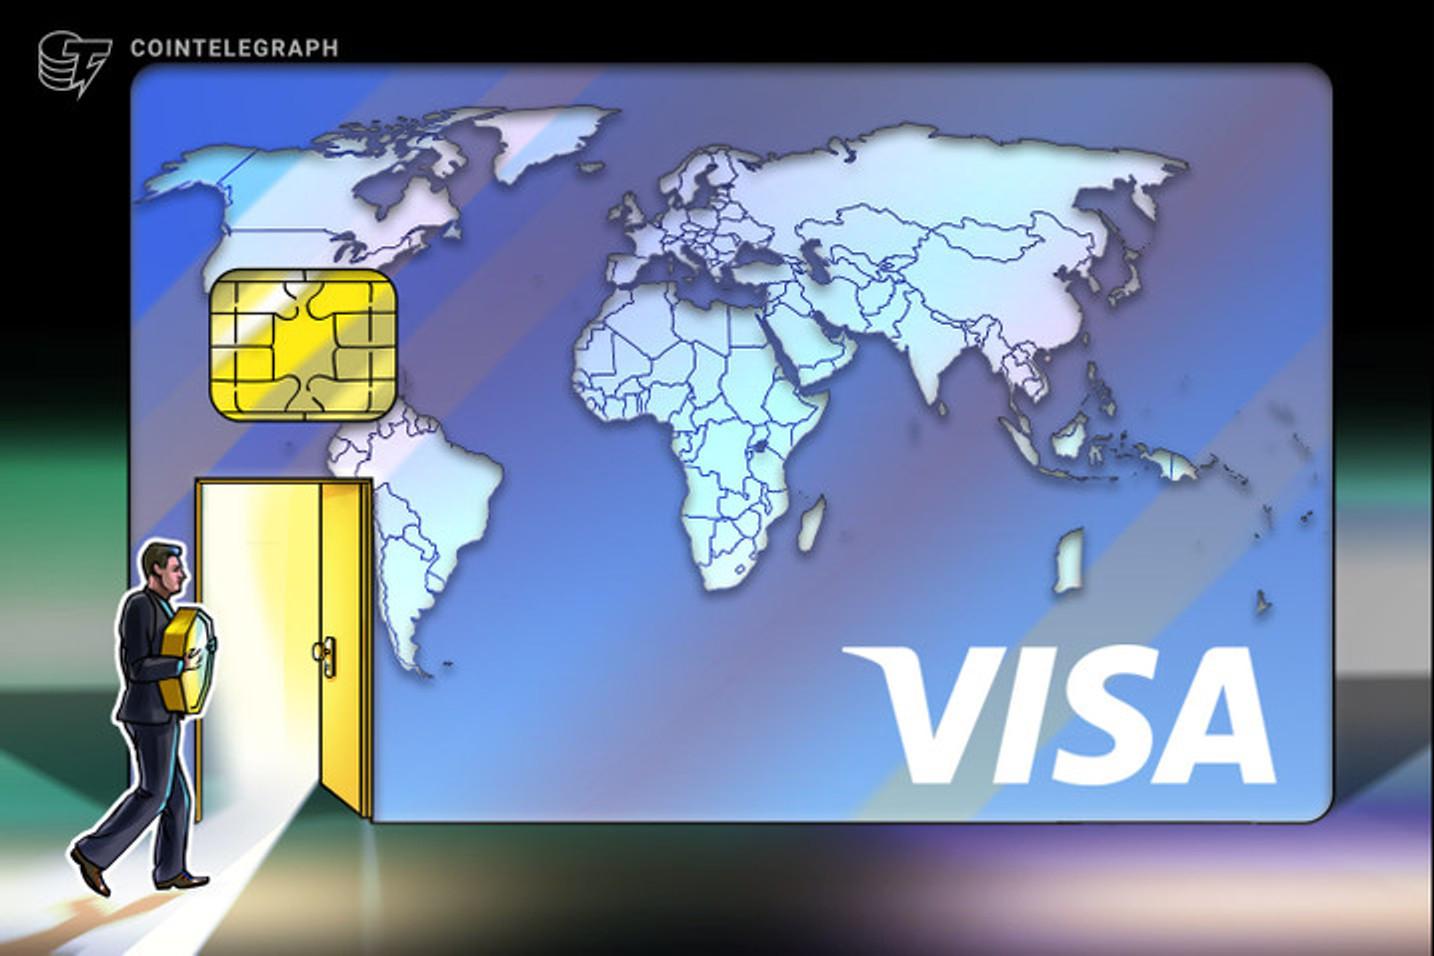 Entrevista: 'Vamos apoiar compradores, vendedores e criadores de NFT', diz executivo da Visa